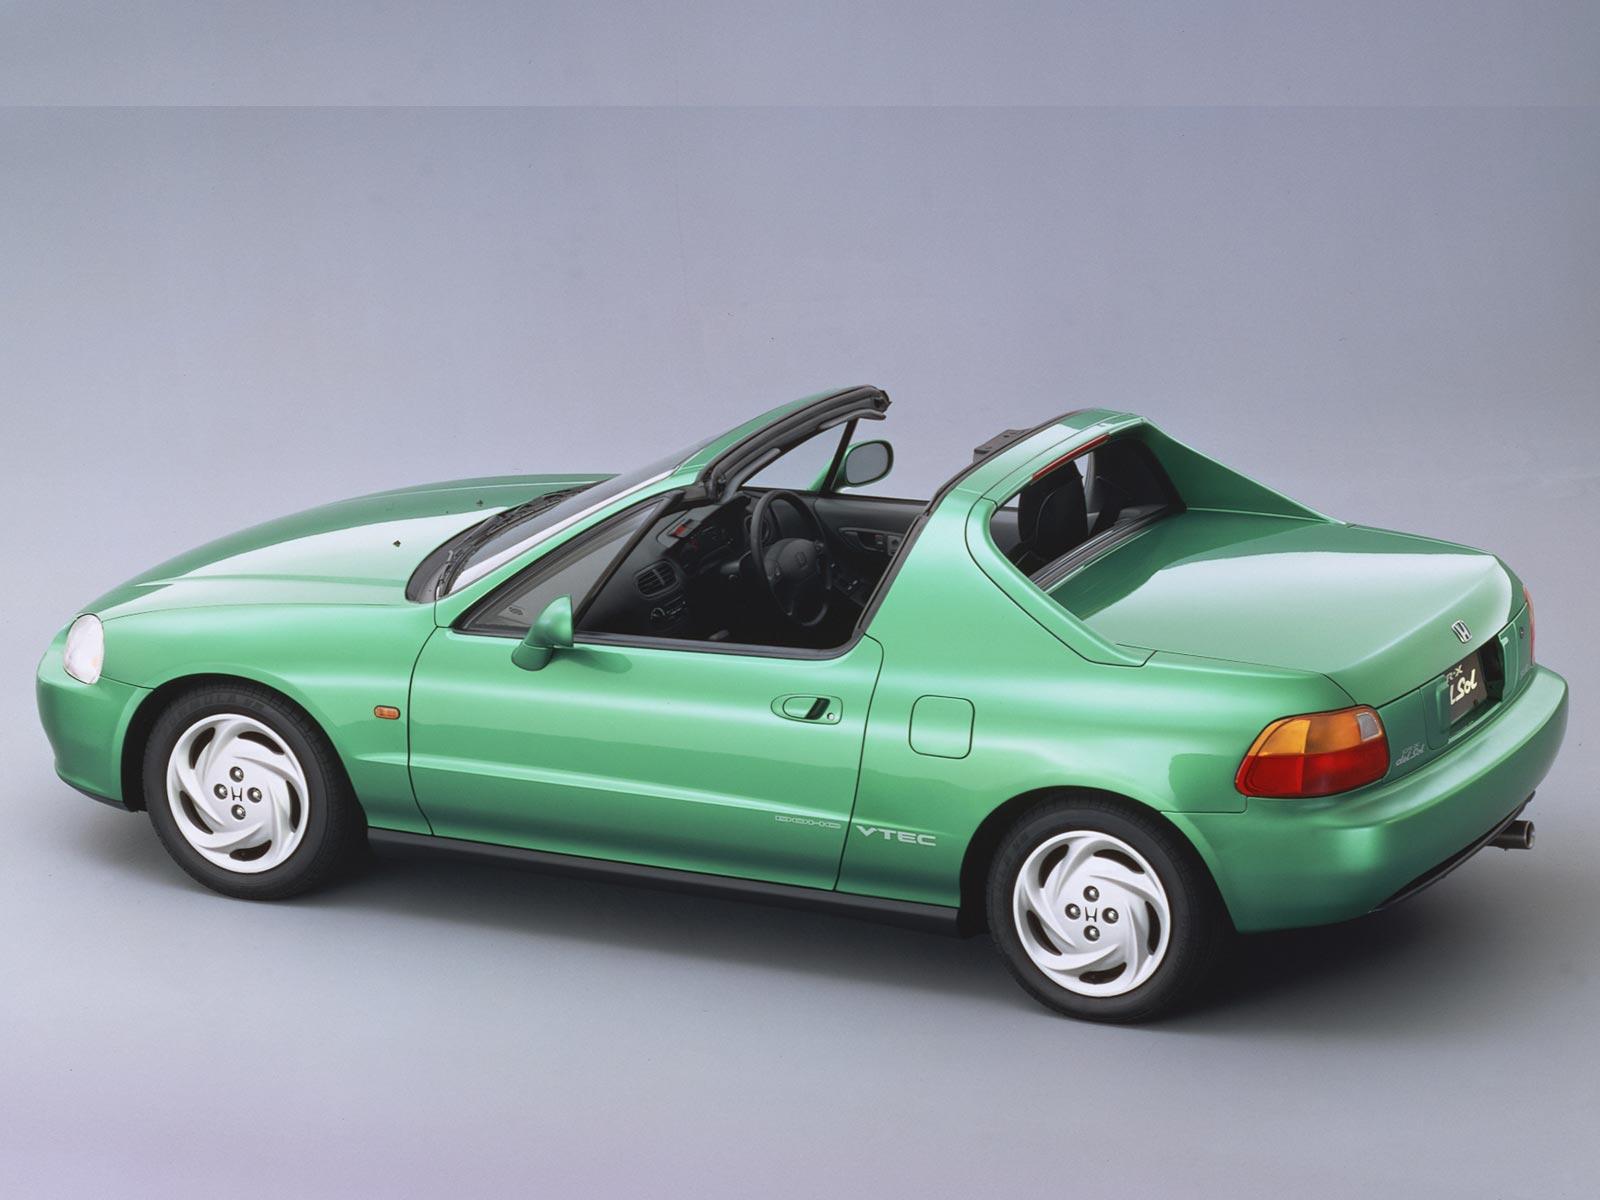 91 Honda Crx Wiring Diagramon 1990 Ford Mustang Radio Wiring